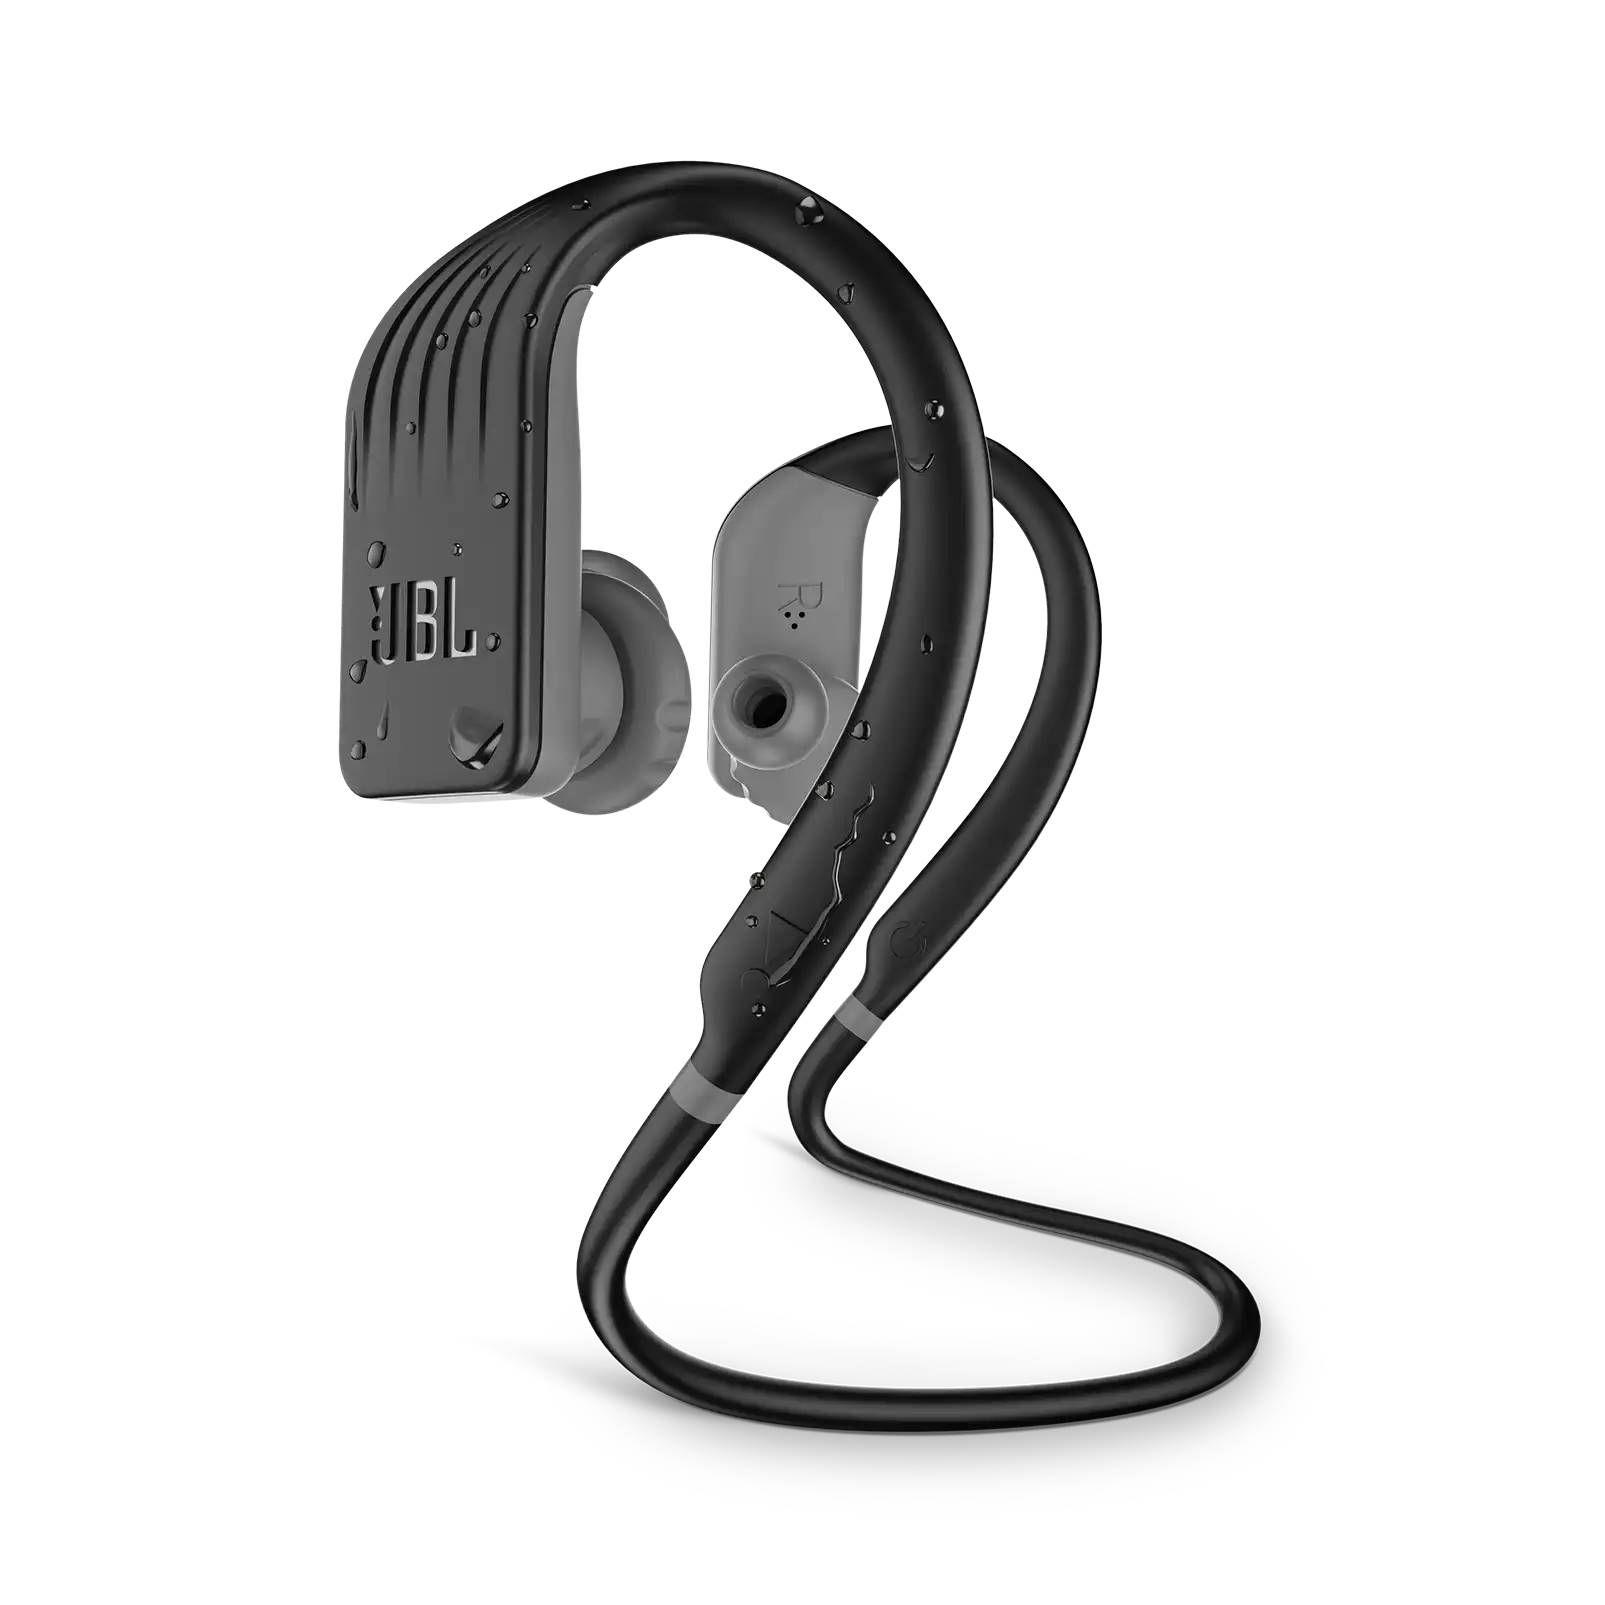 Fone de Ouvido Bluetooth JBL Endurance Jump - Preto e Cinza JBLENDURJUMPBLK